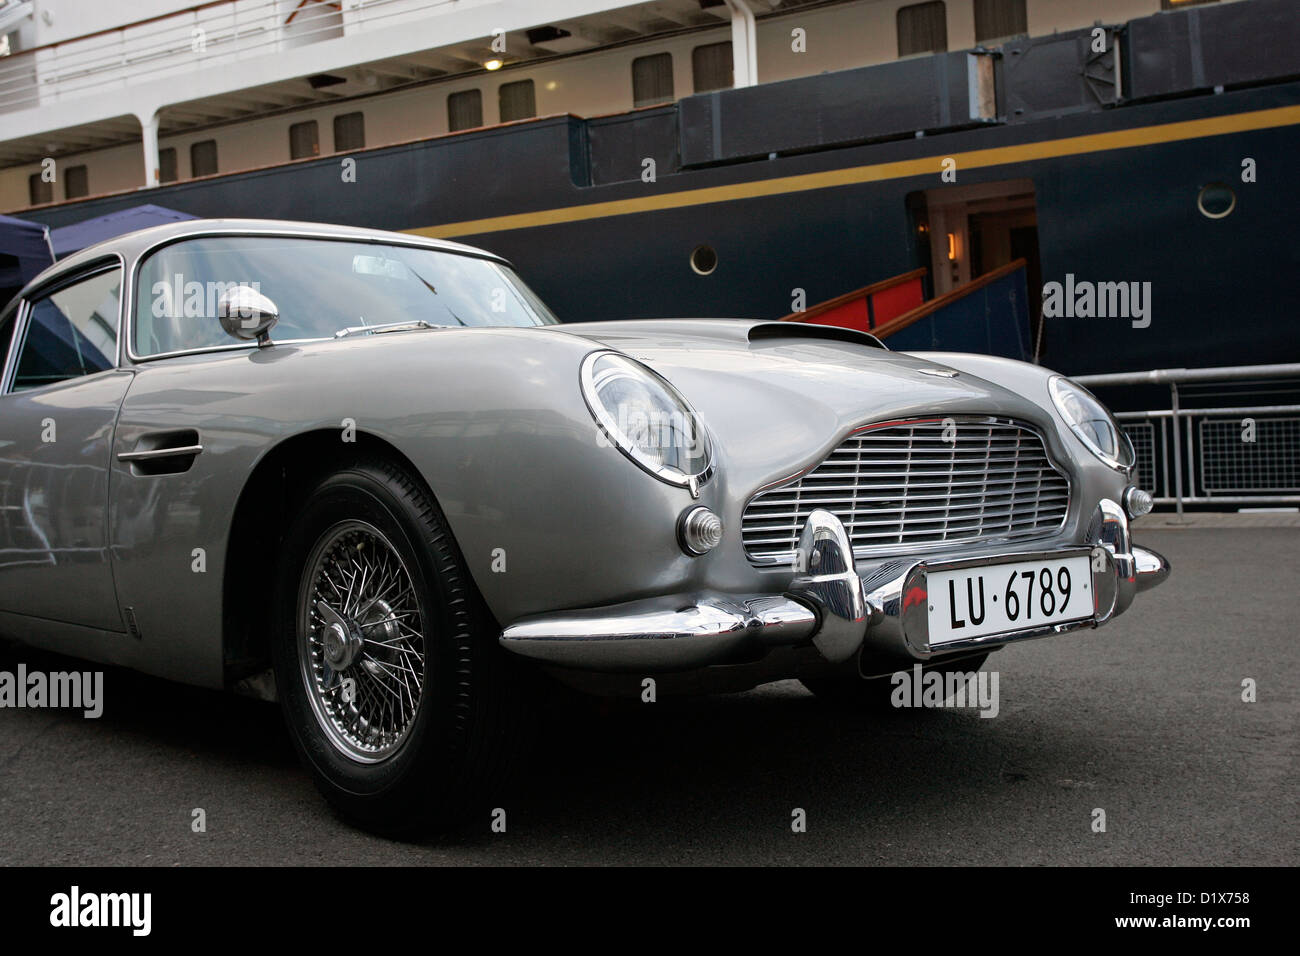 Das Original James Bond Aston Martin Db5 Sportliche Schweizer Nummer Platten Neben Der Royal Yacht Britannia Geparkt Stockfotografie Alamy